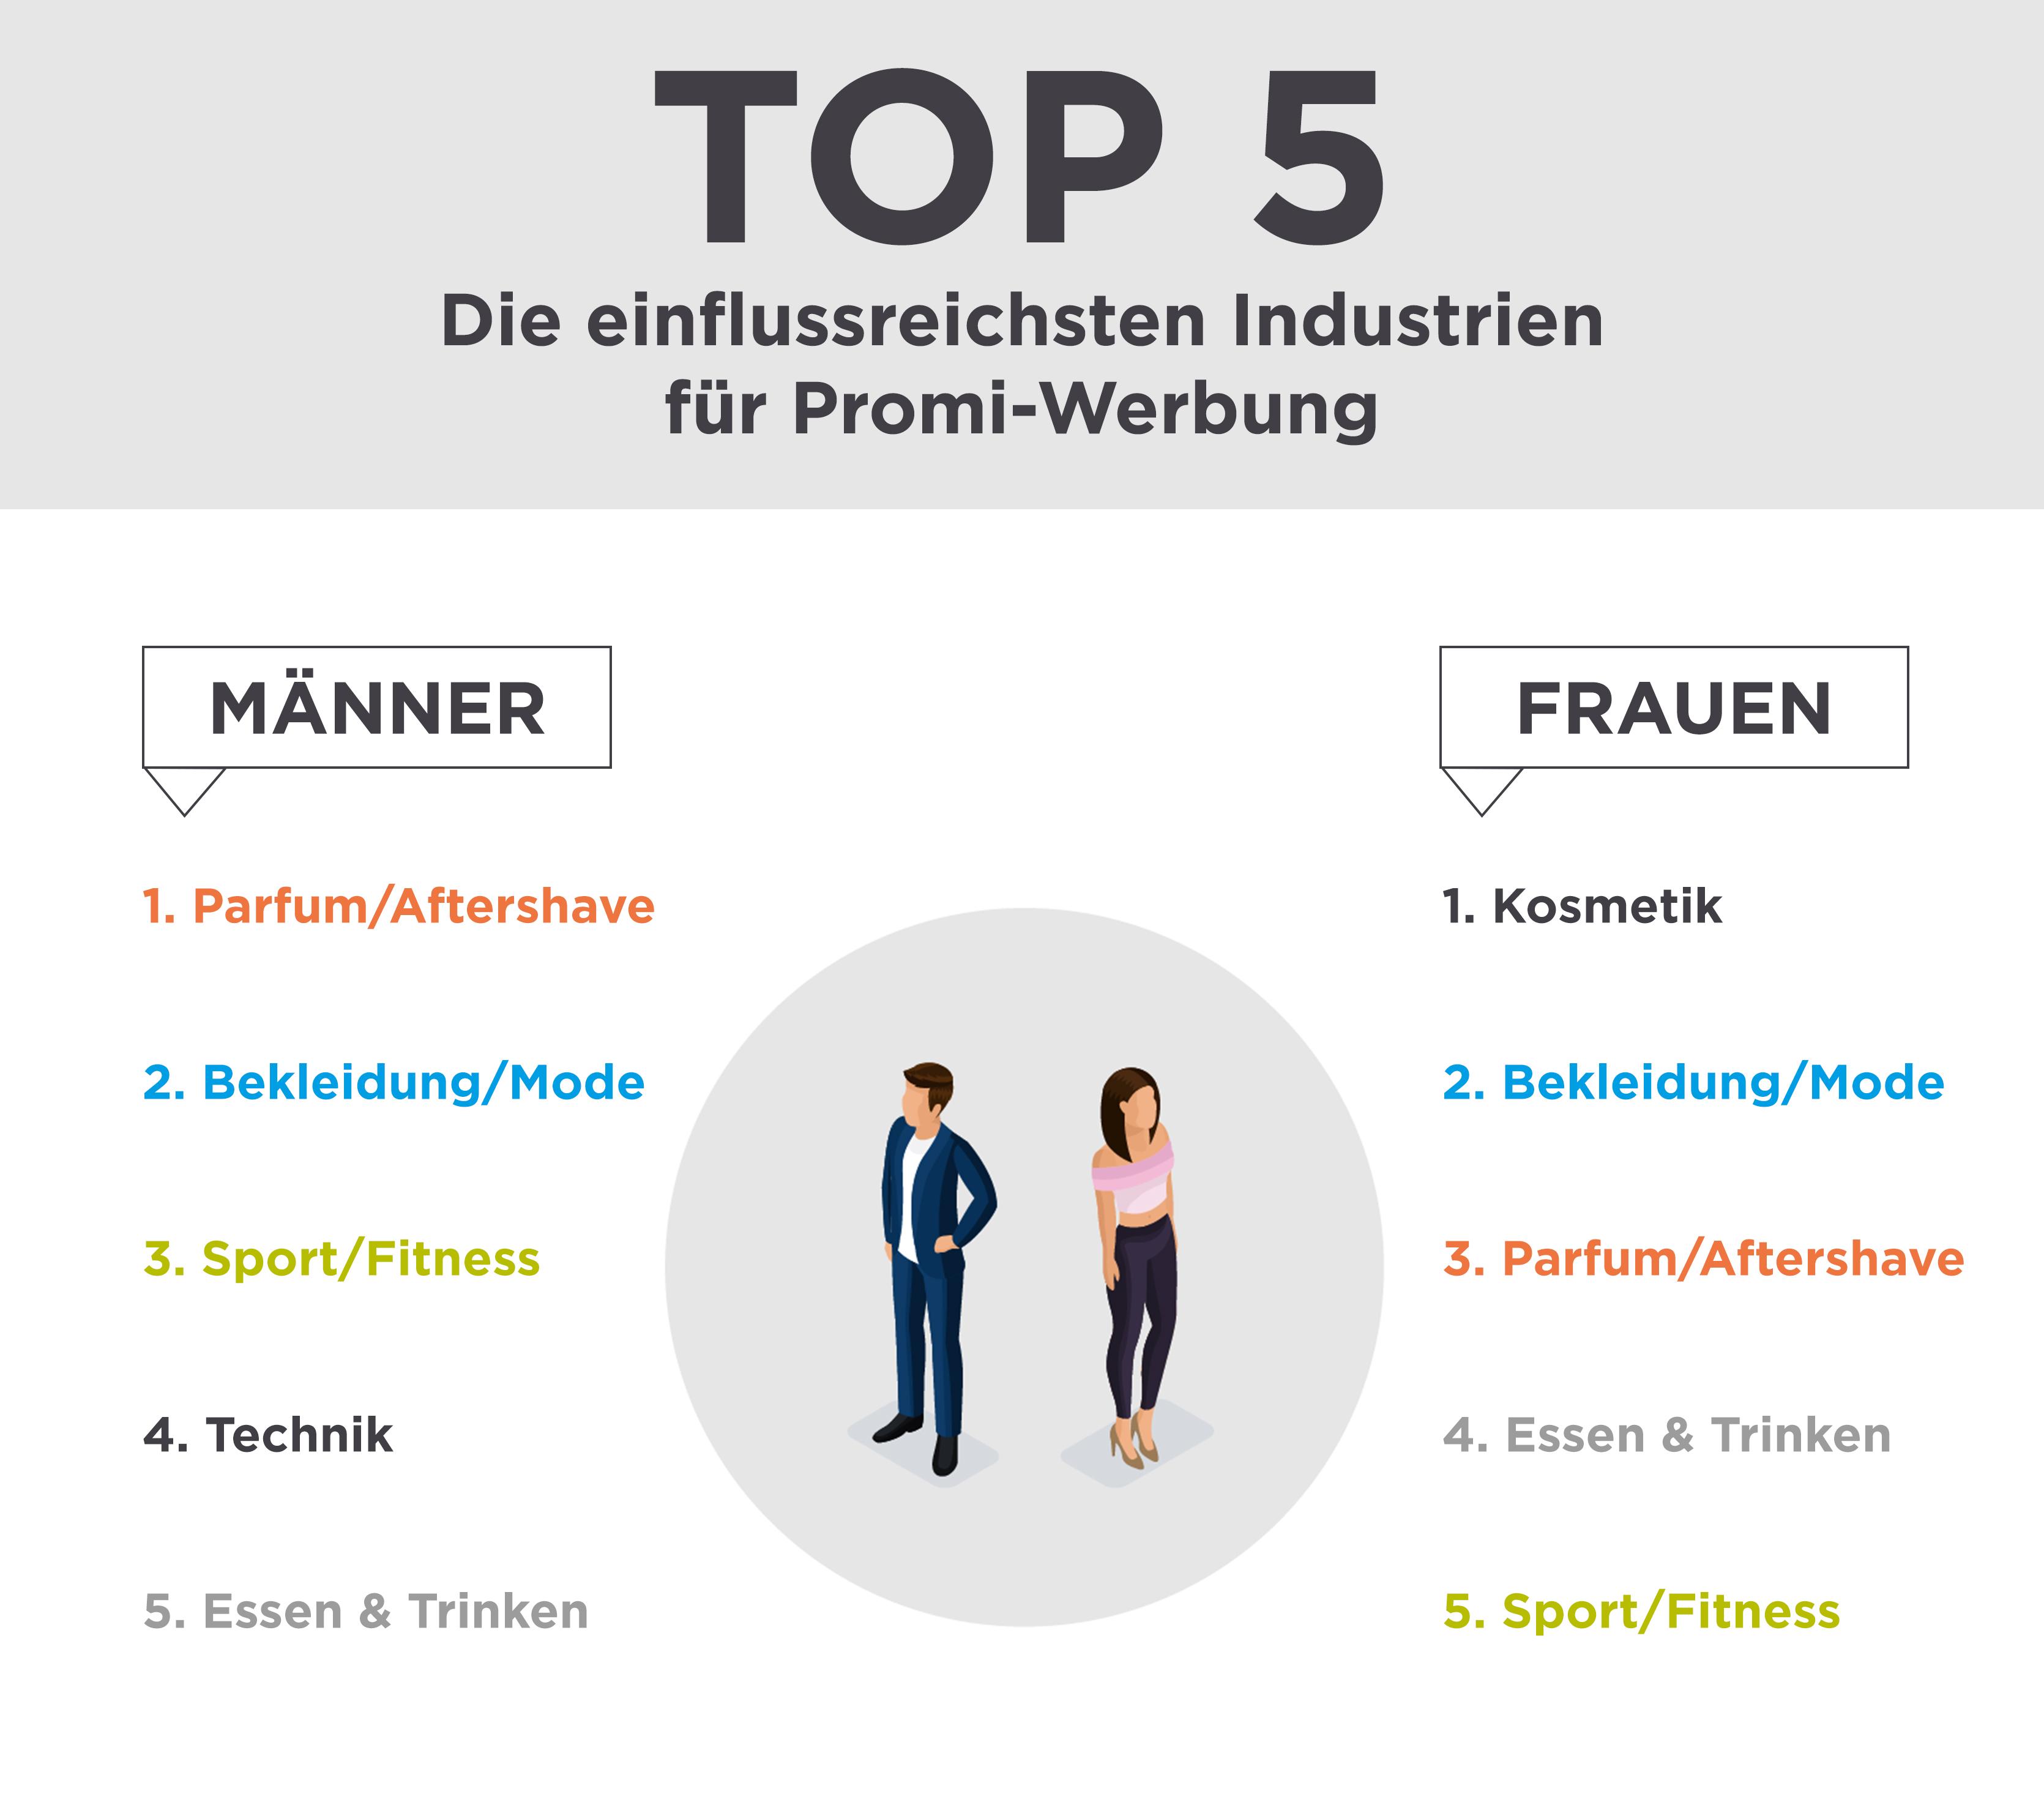 top5-die-einflussreichsten-industrien